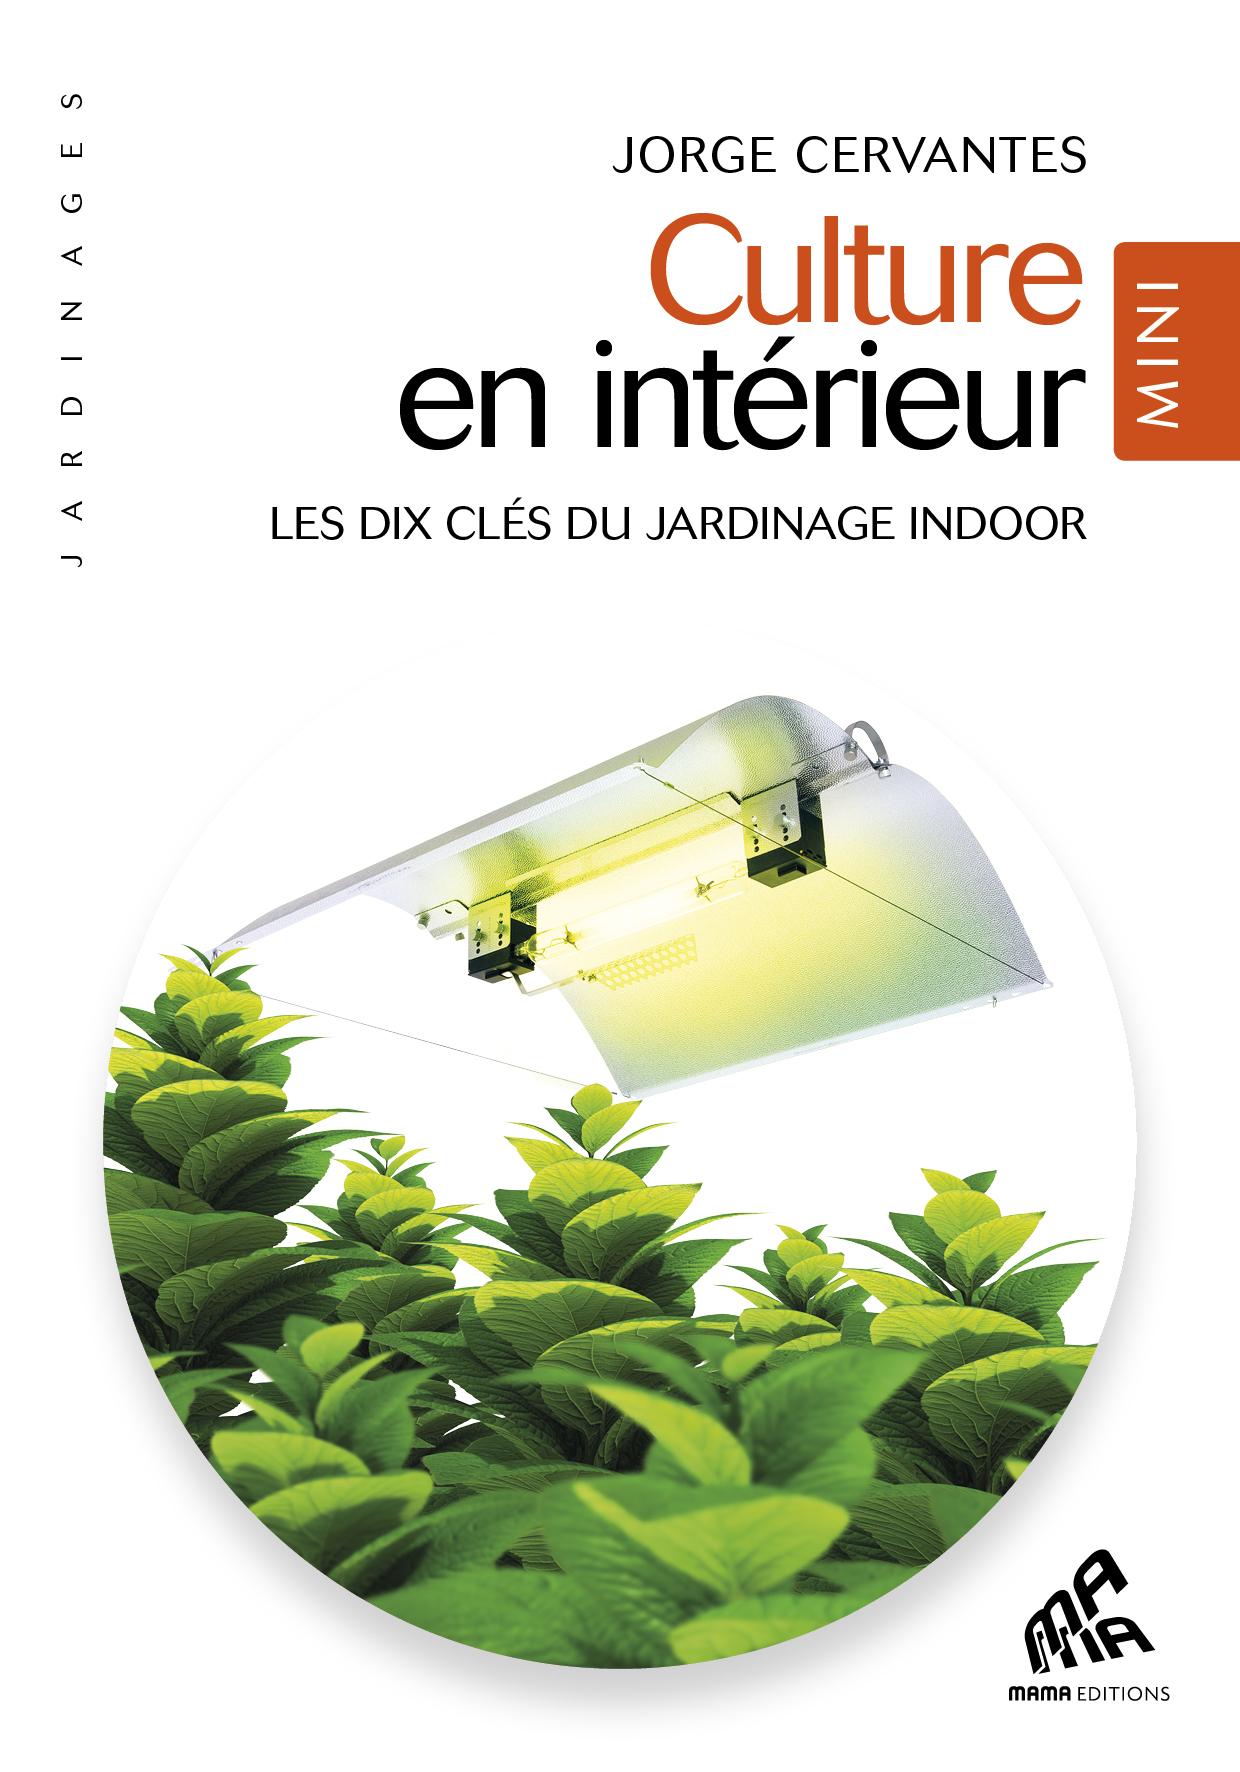 Vignette du livre Culture en intérieur - Mini Edition - Jorge Cervantes